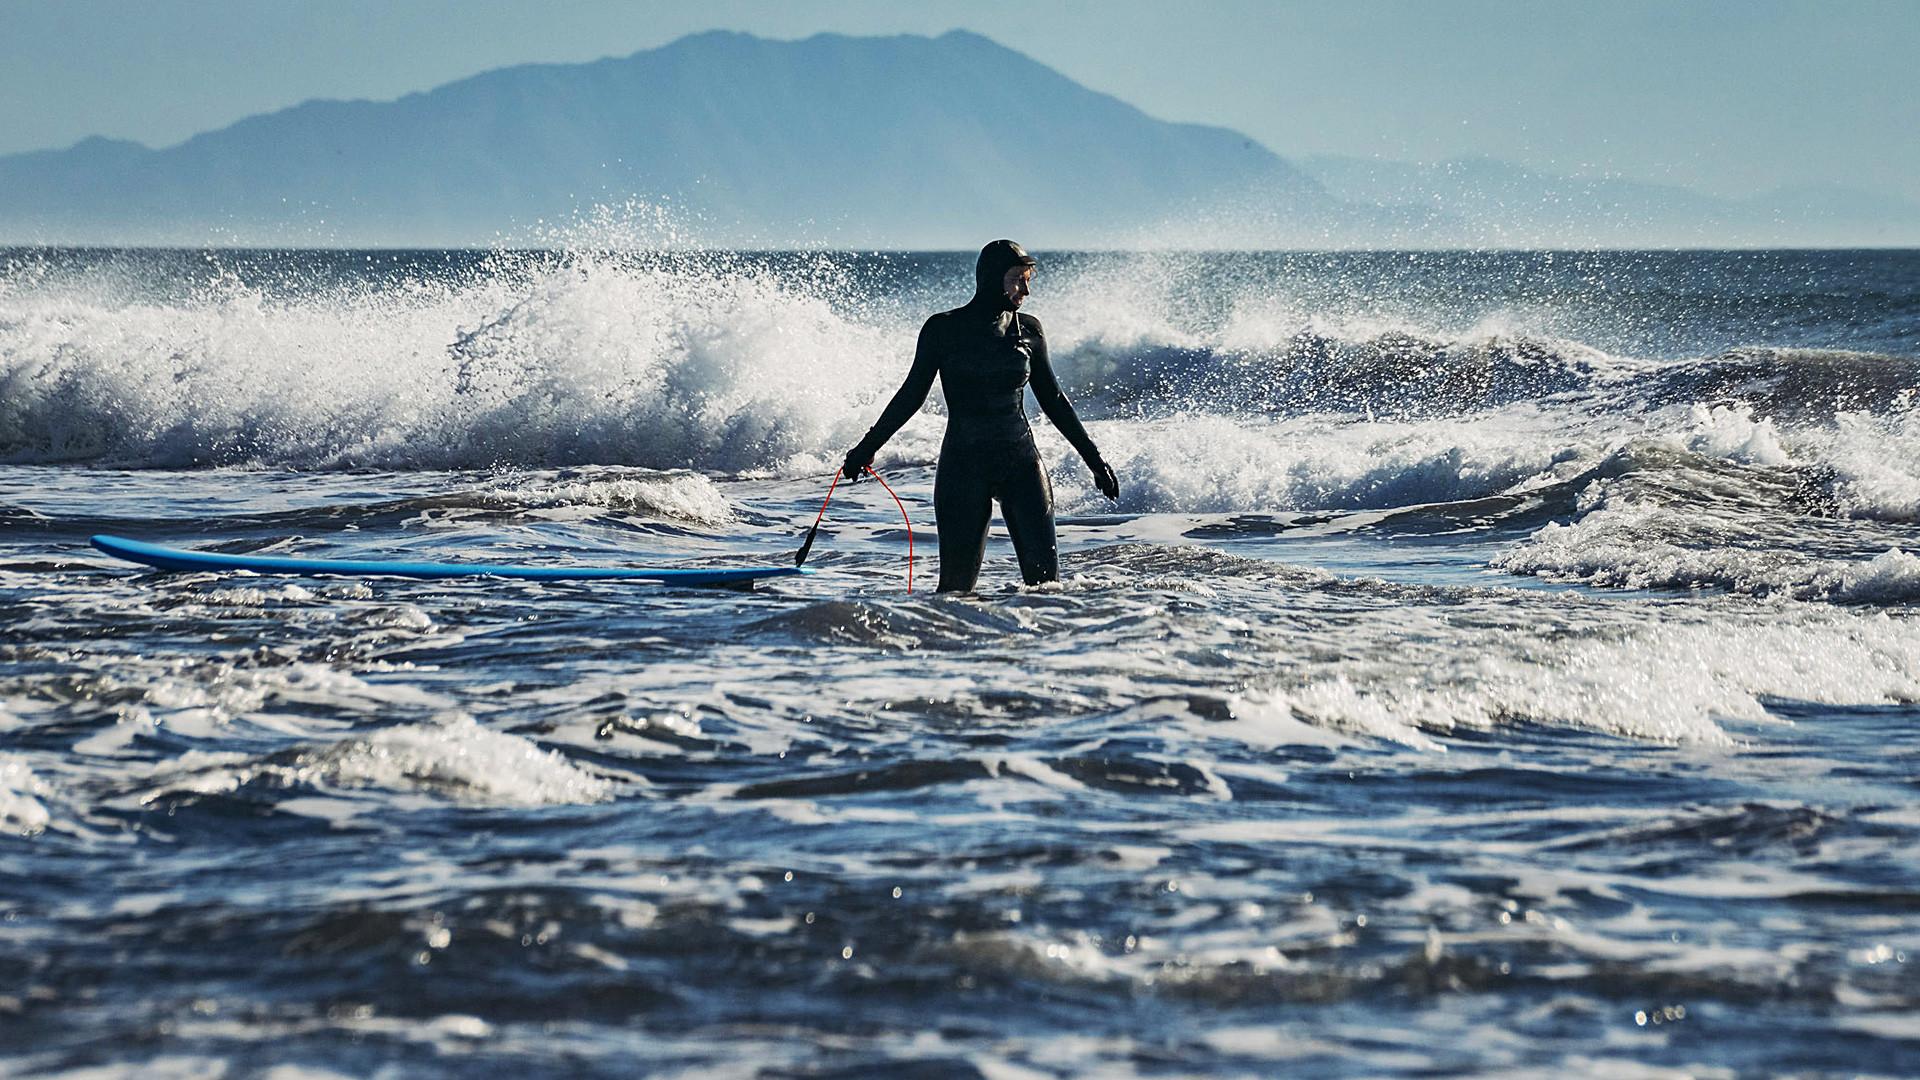 波と共に去りぬ カムチャッカでサーフィンをしよう ロシア ビヨンド